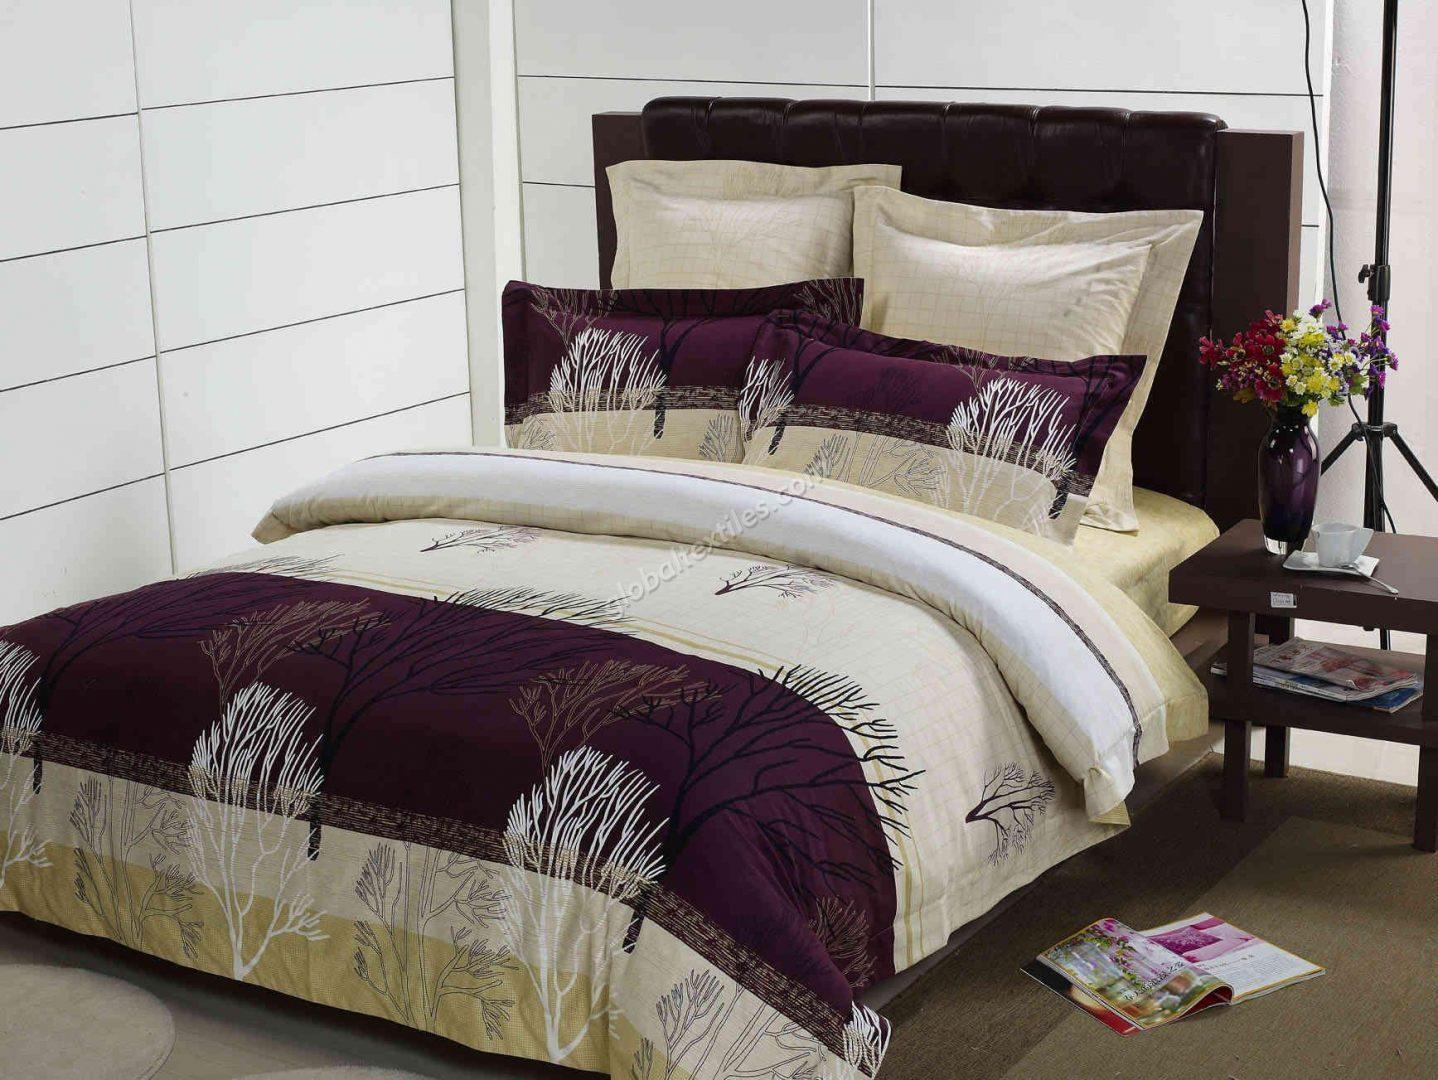 Galer a de im genes ropa de cama for Almacenes de camas en ibague